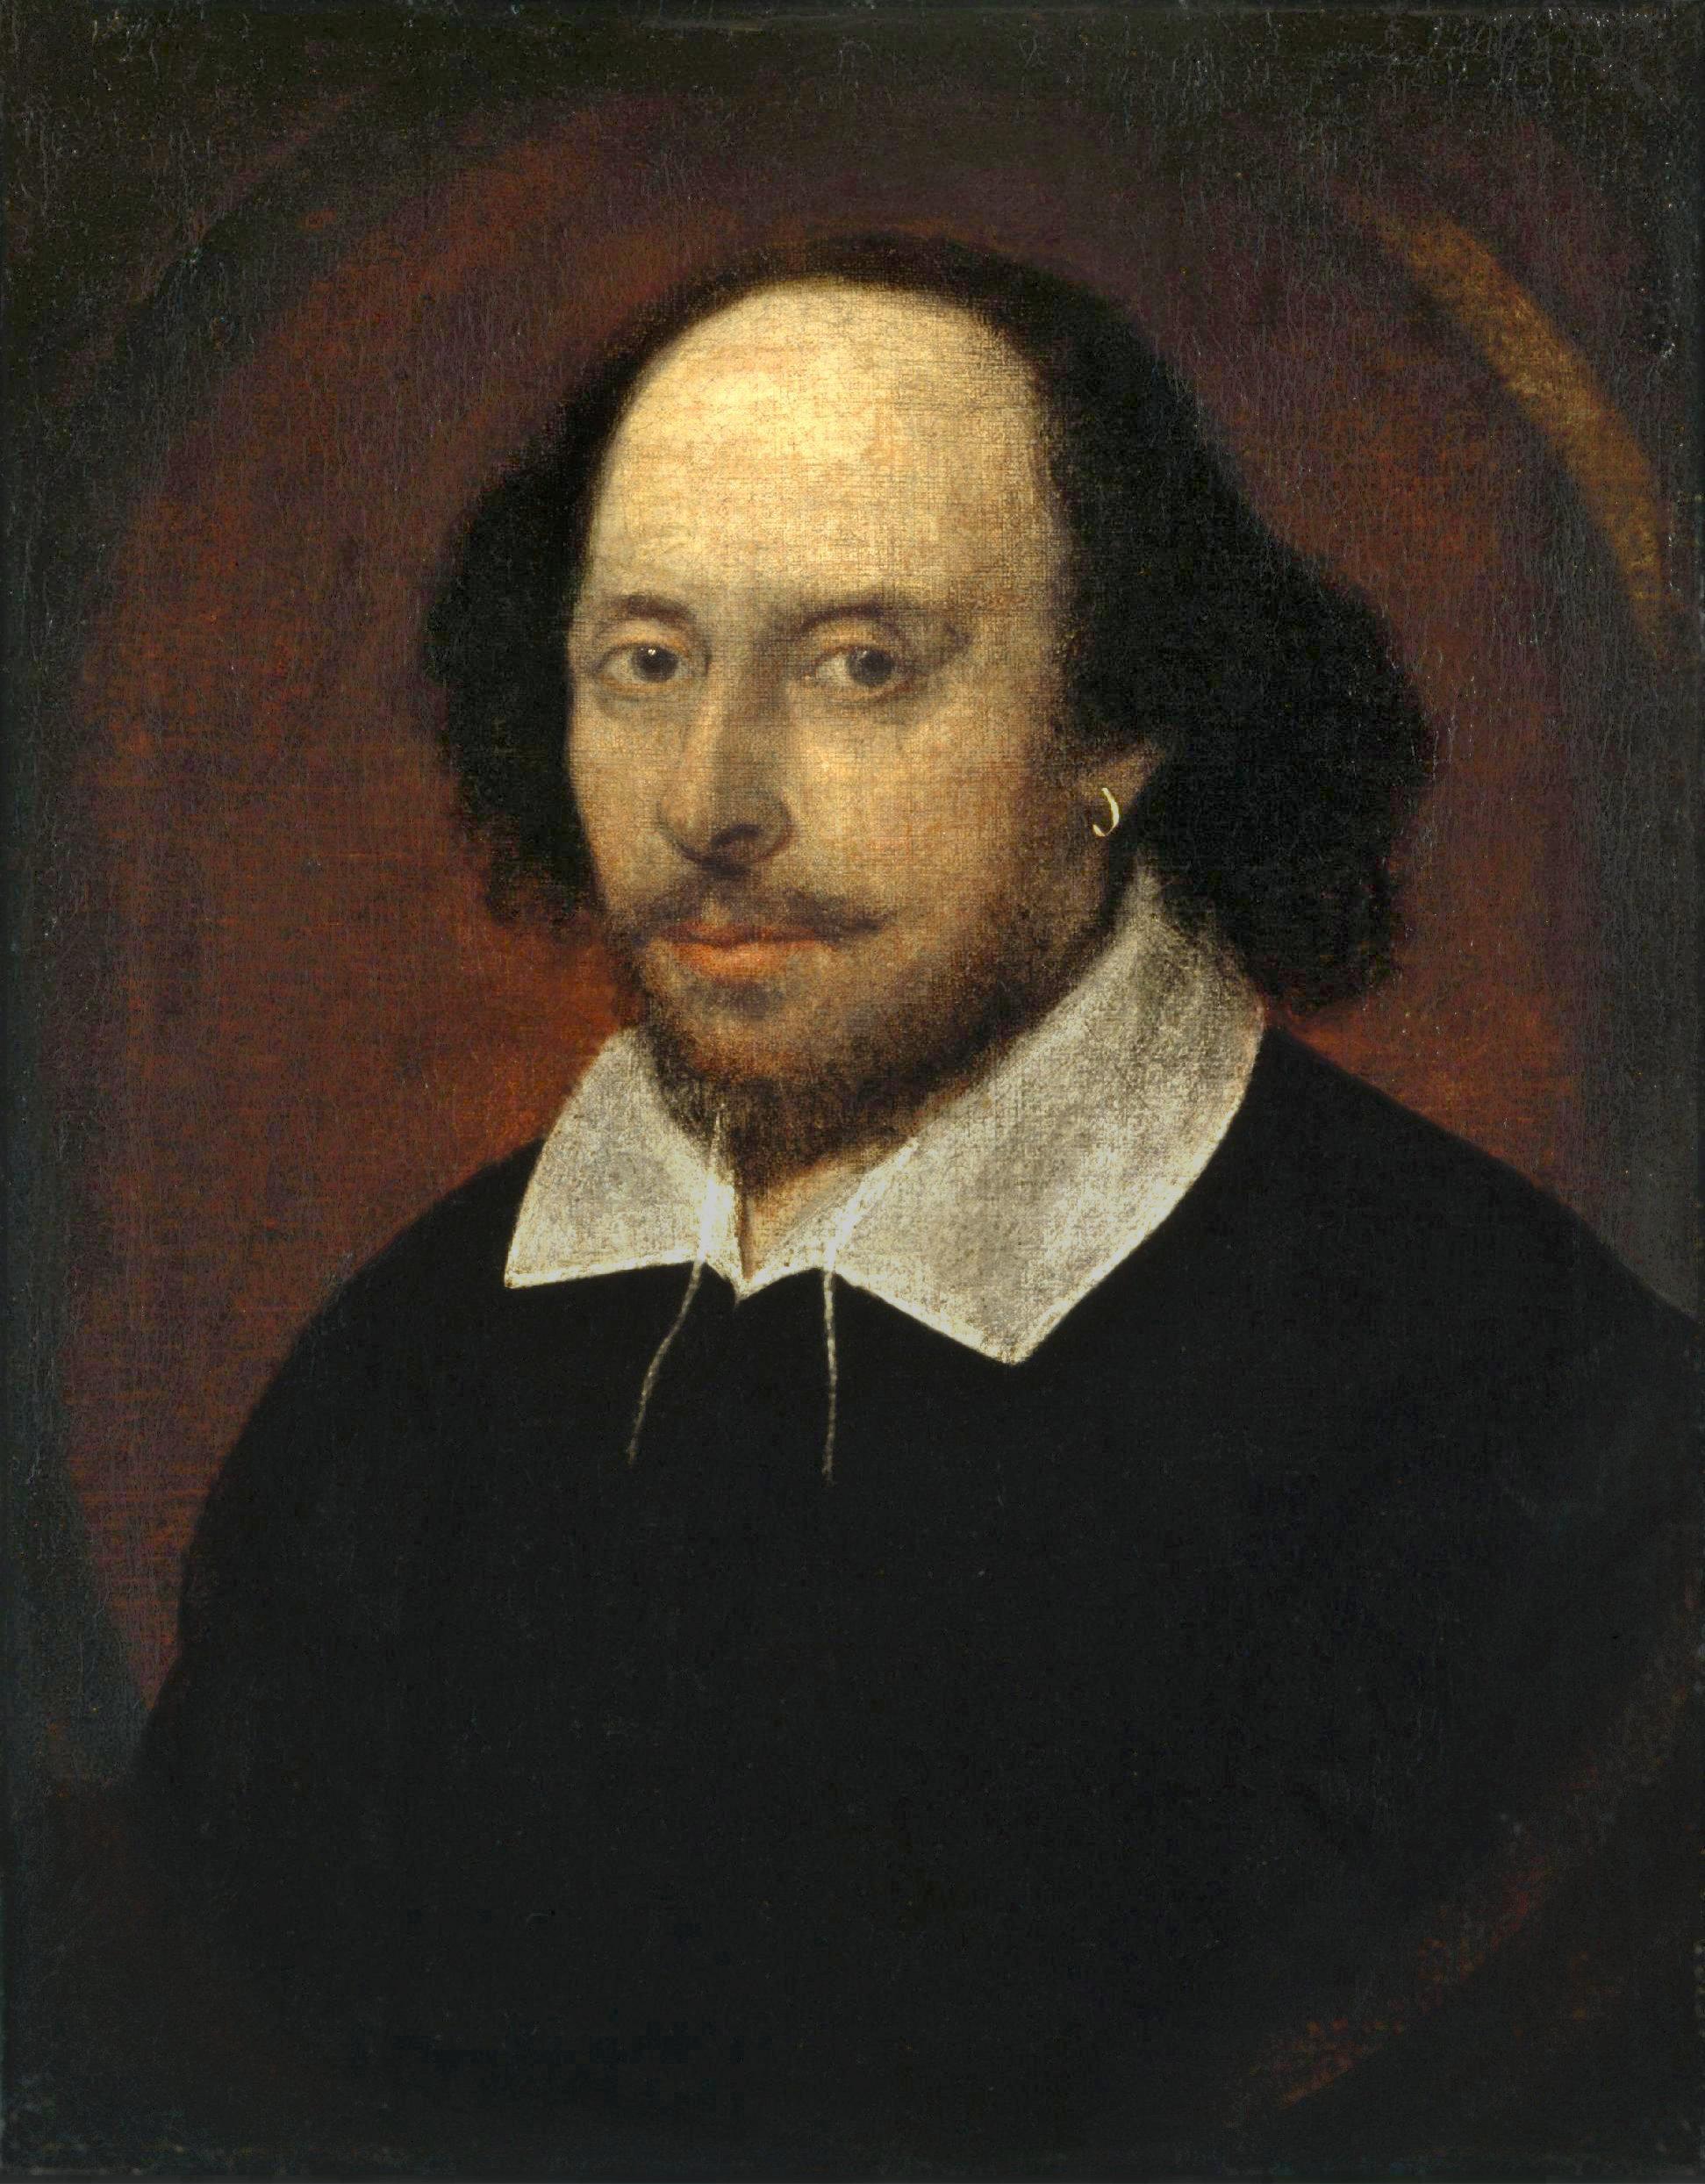 Σαν σήμερα πέθανε ο Σαίξπηρ. Ποιος πραγματικά